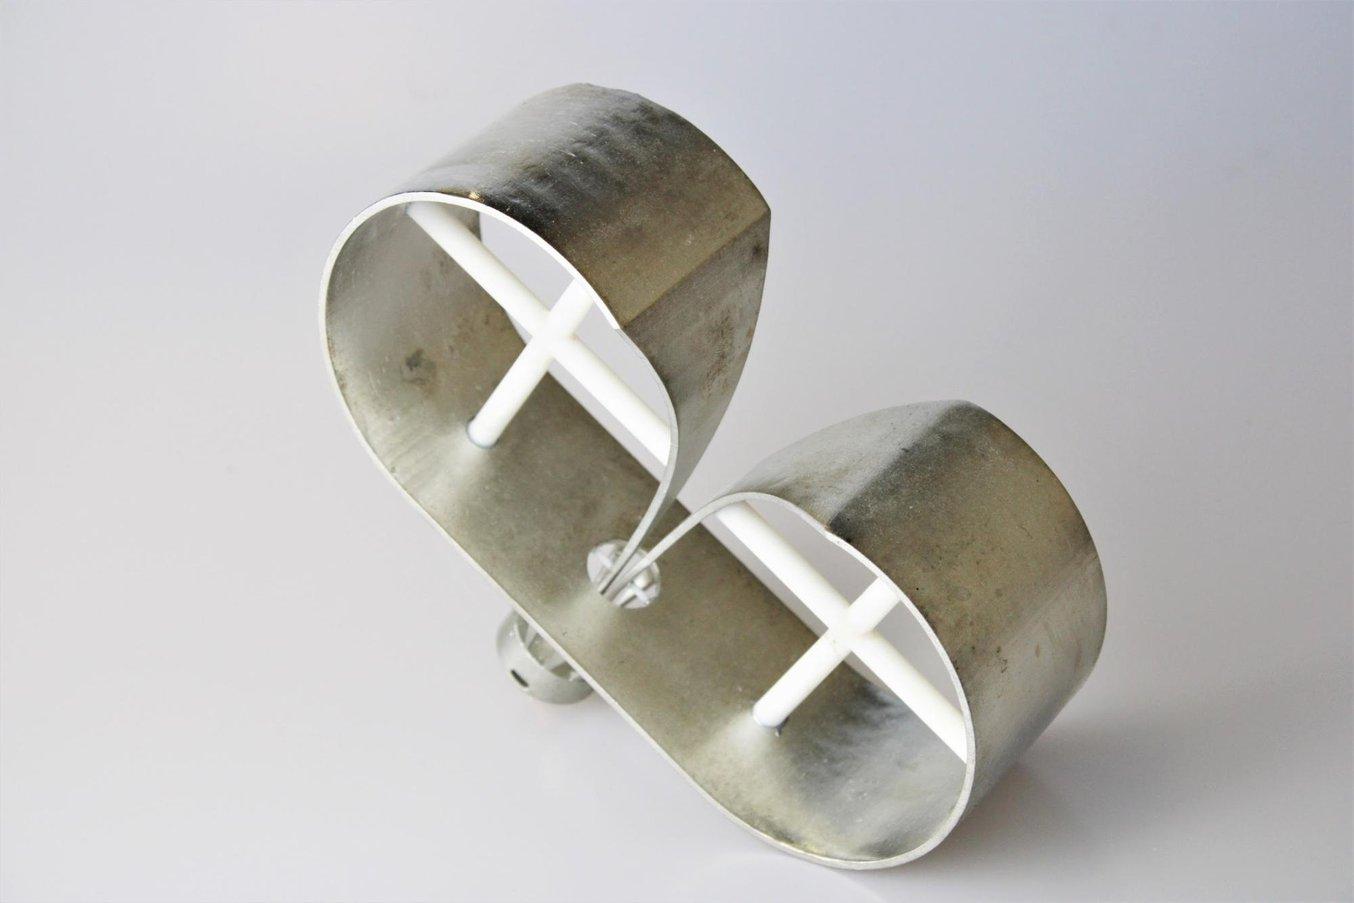 Un'antenna a cono TEM stampata in 3D e galvanizzata in modo selettivo, progettata da Julien Haumant, ingegnere del dipartimento di ricerca e sviluppo di Elliptika.